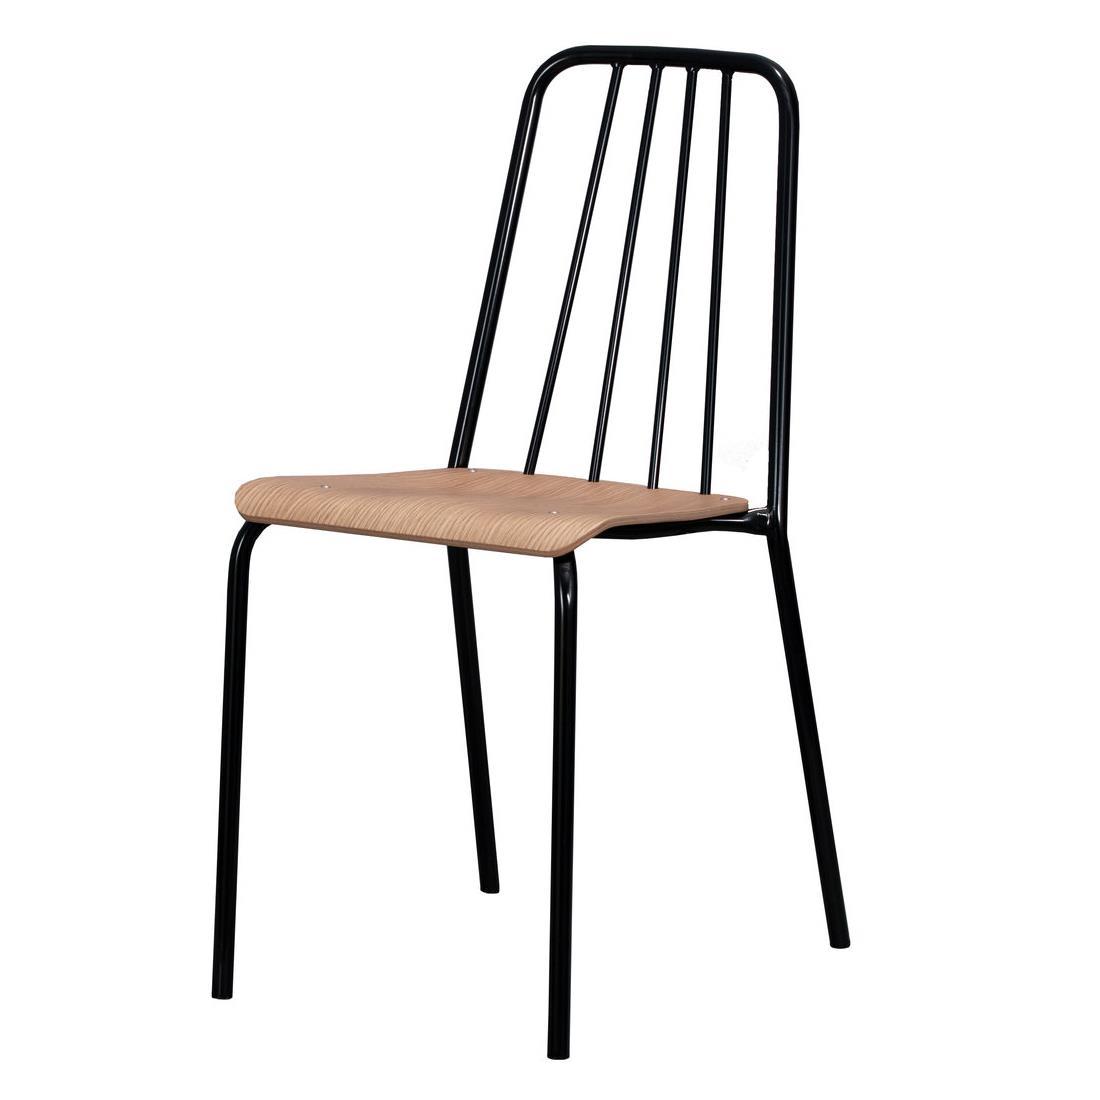 Euklides Objekt. Futura Chair. Sort understell